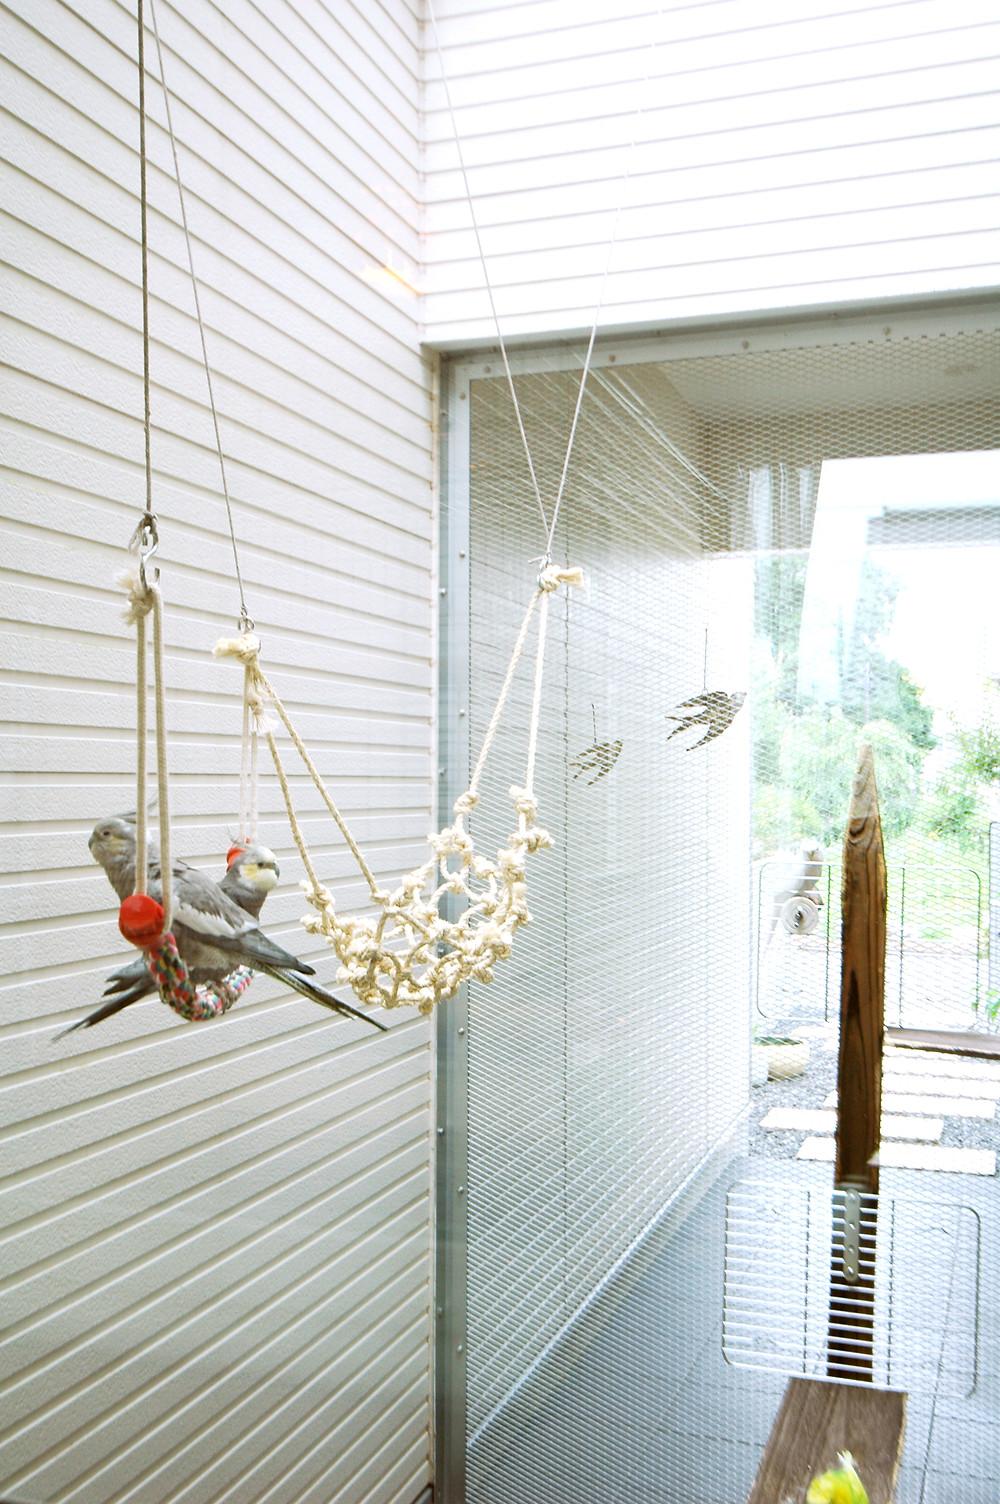 鳥かごを連想させるナカニワ。エクスパンドメタルを透かして見えるようになっている